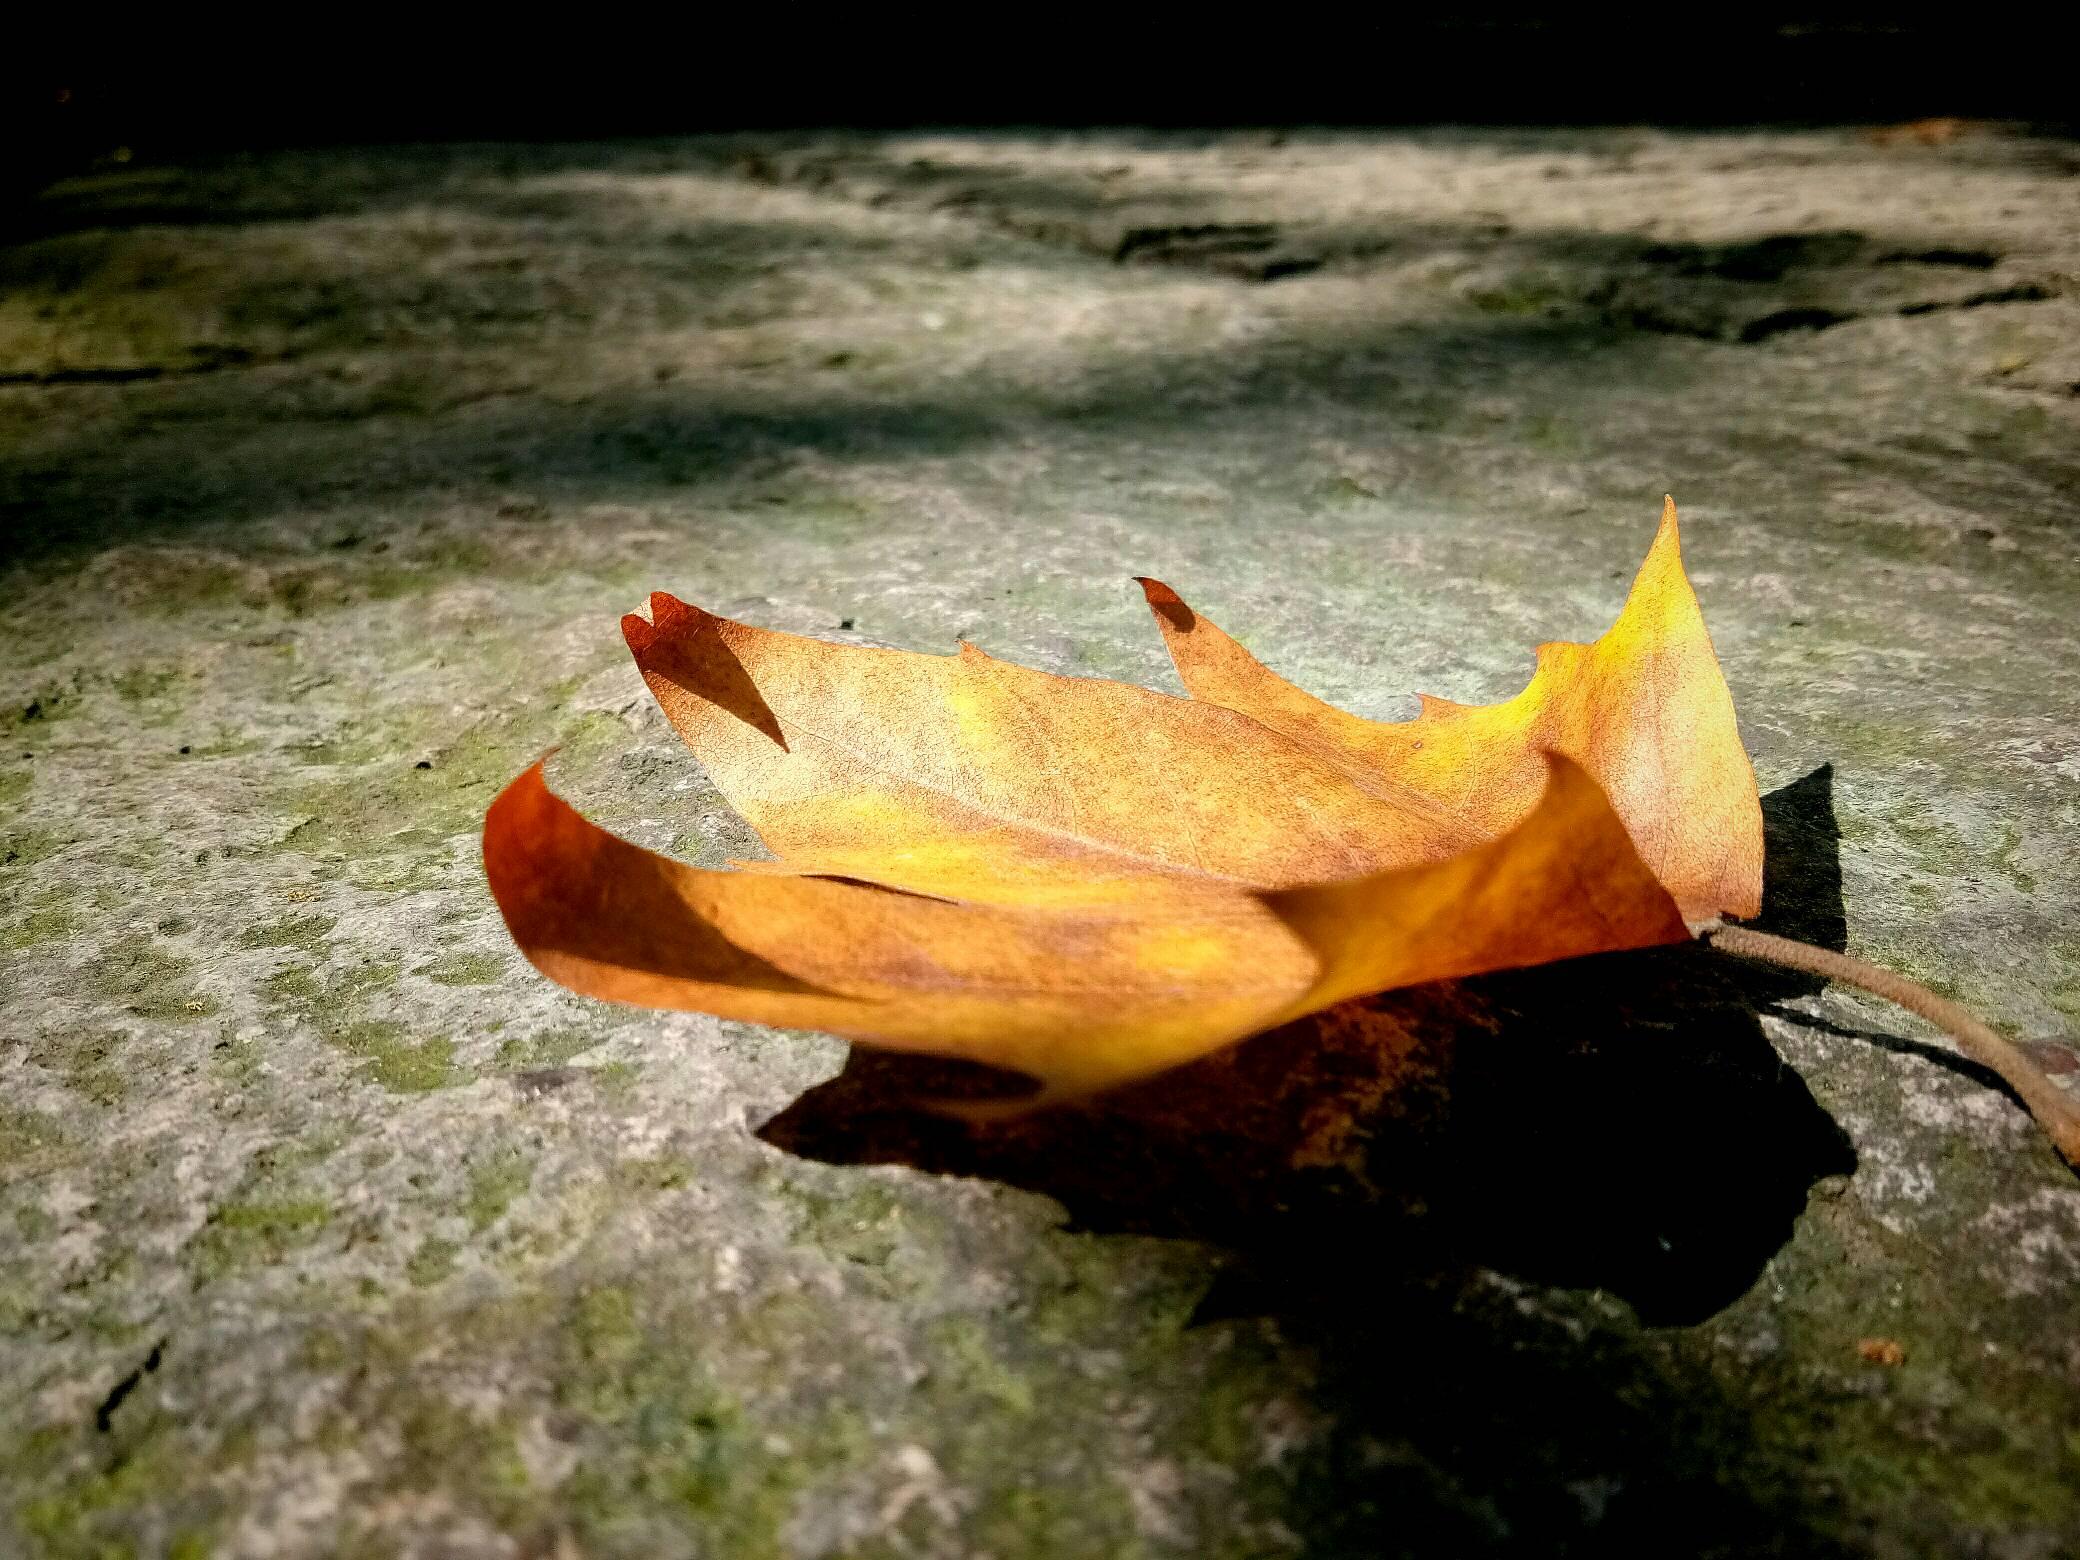 最爱秋天的梧桐叶,一片落叶,孤单又灿烂.图片